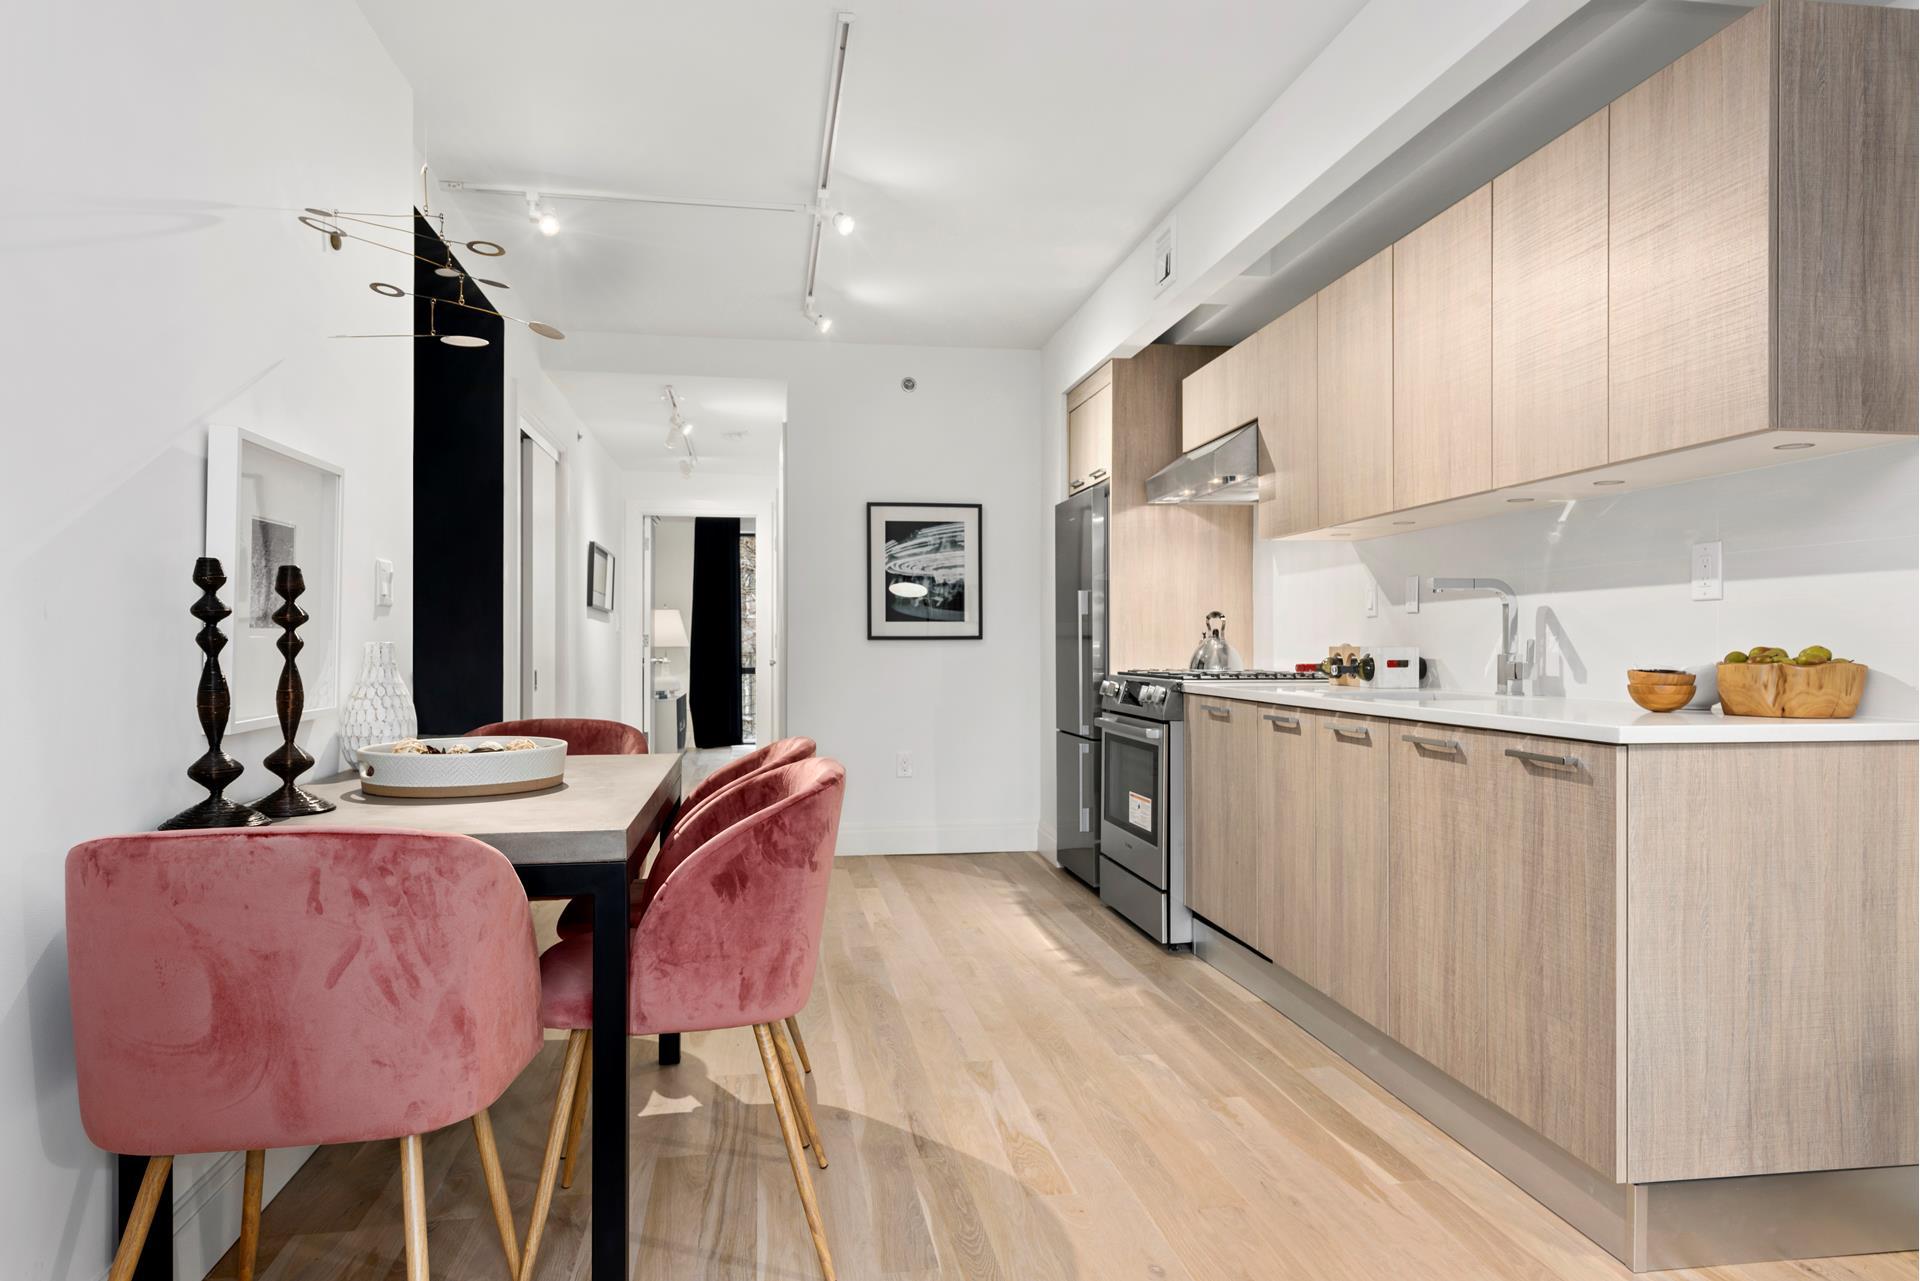 189 Cooper St, 6B - Bushwick, New York